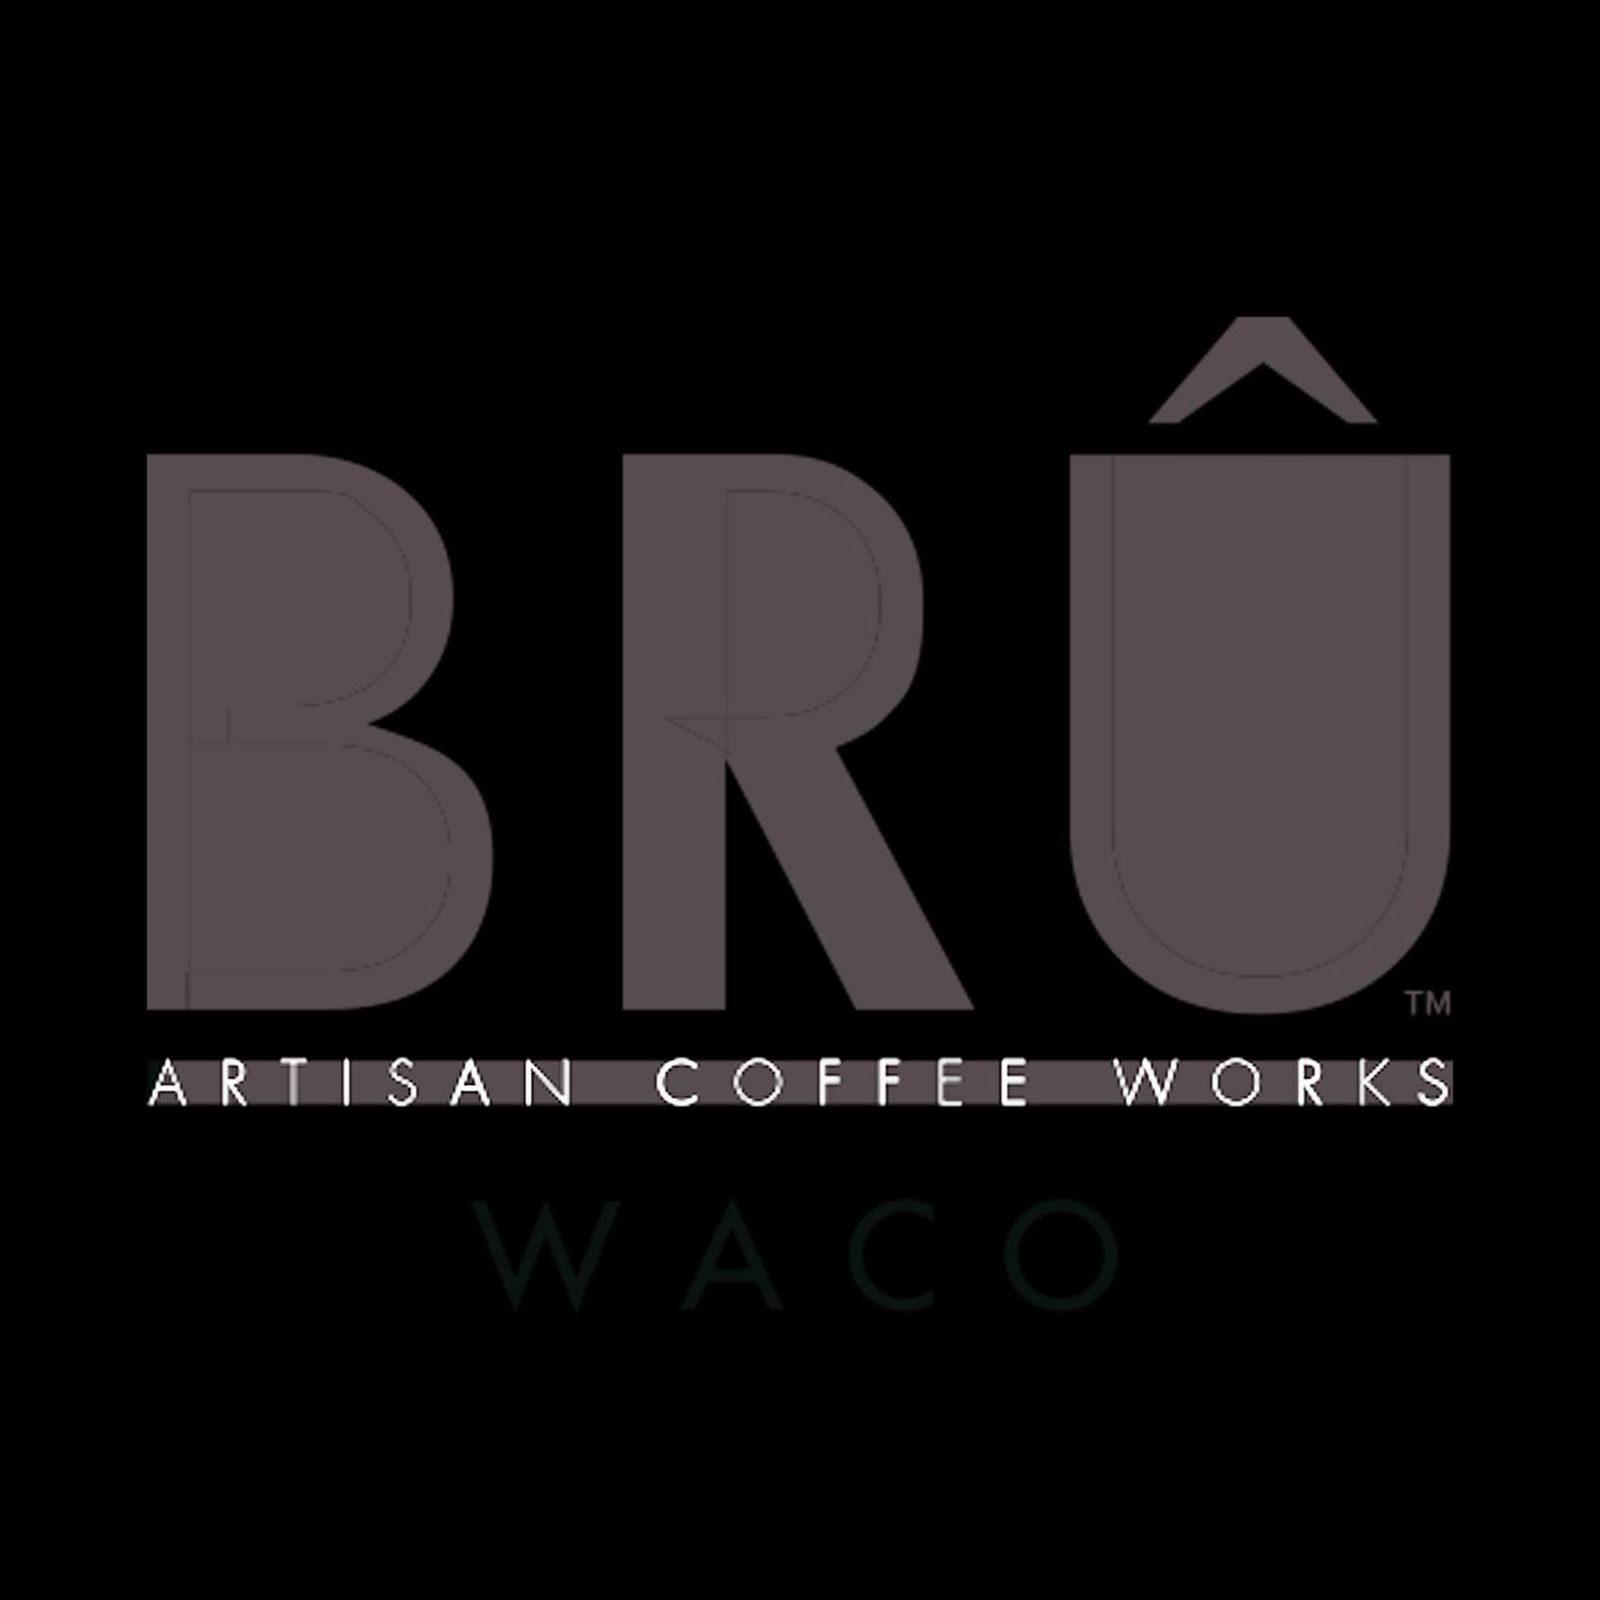 BRU Artisan Coffee Works